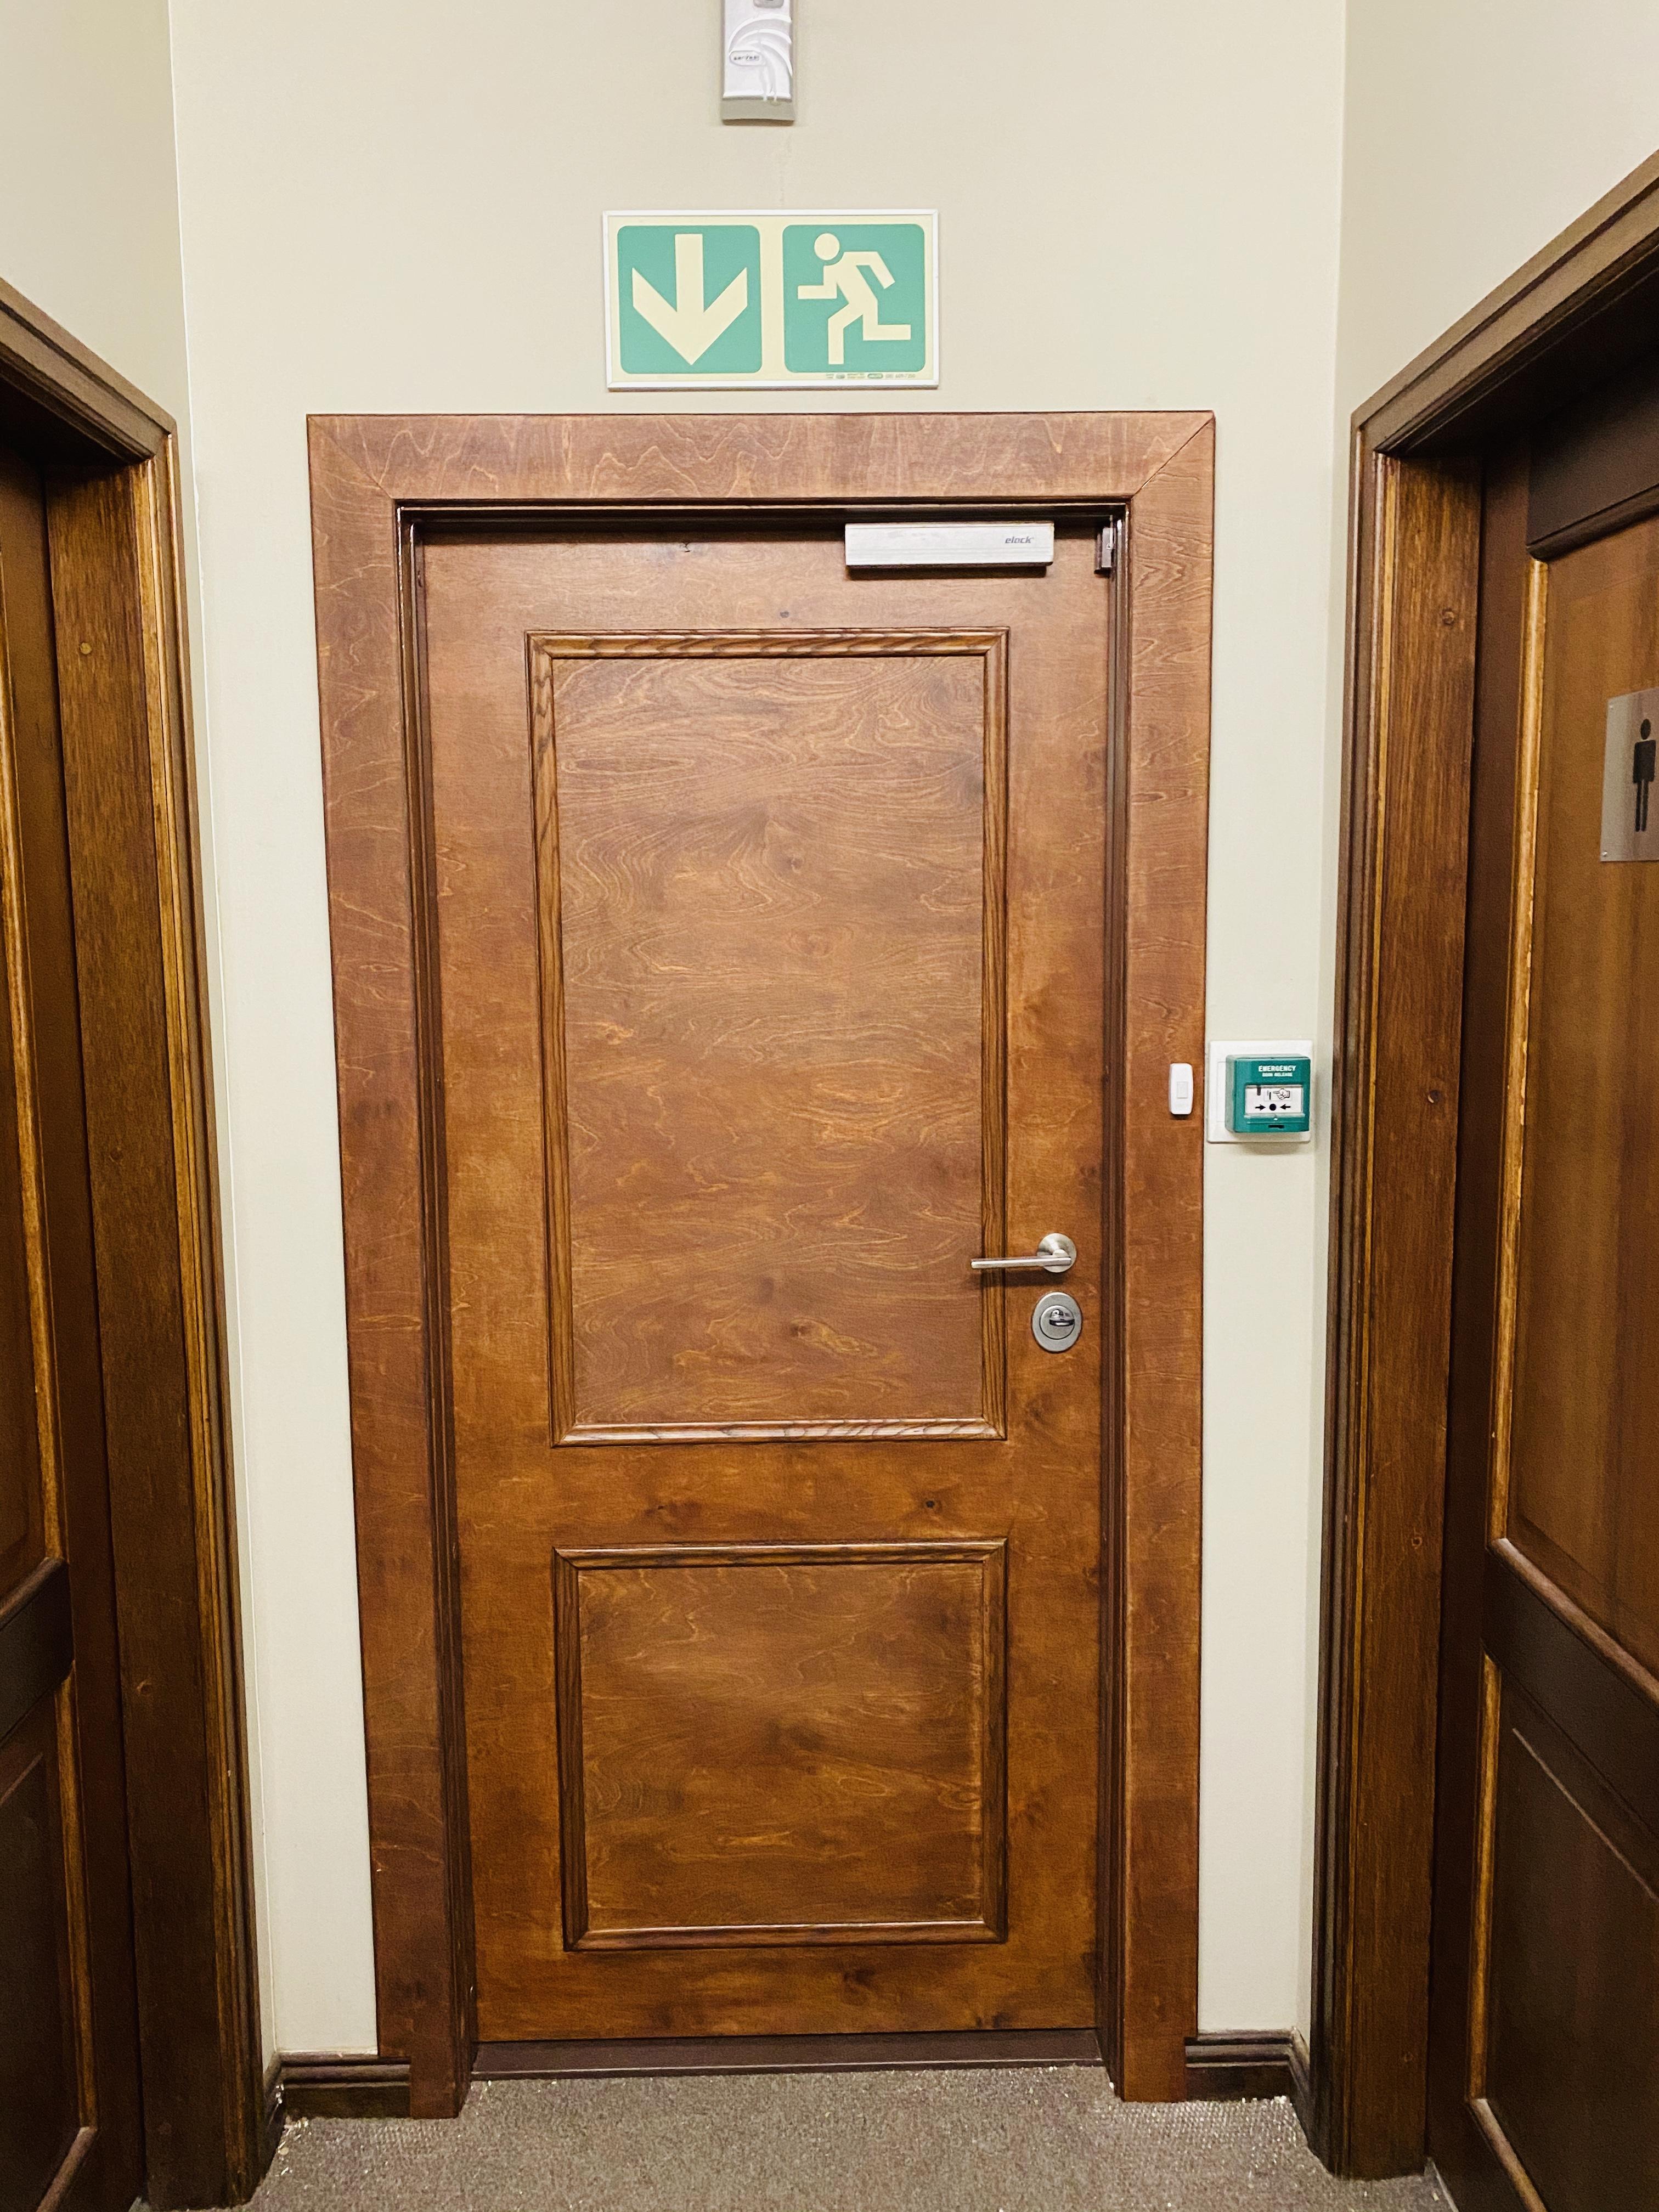 Internal Security door